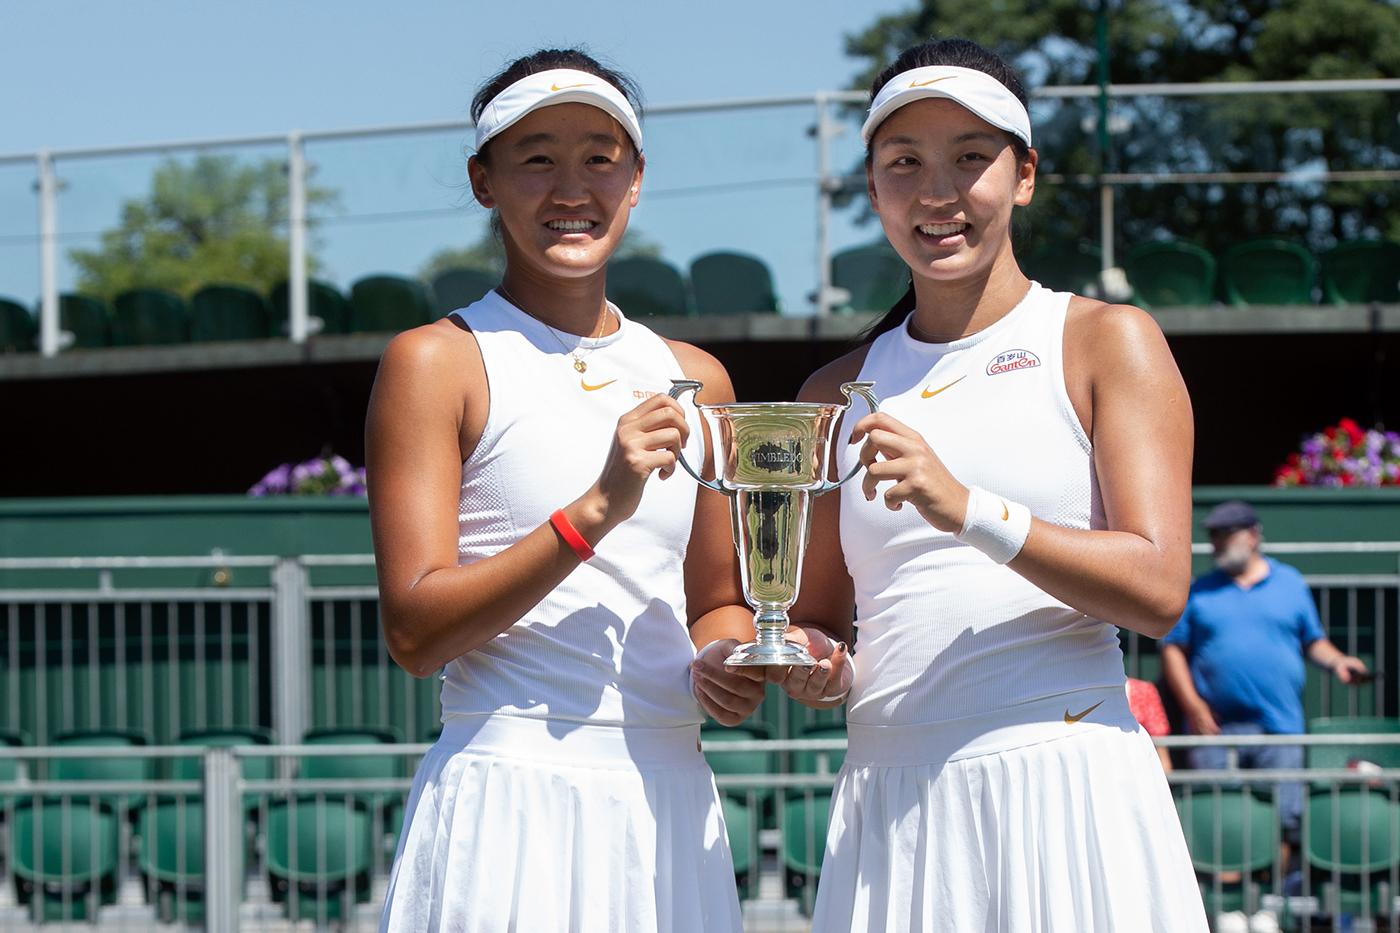 Xiyu Wang (à esquerda) e Xinyu Wang conquistaram o título juvenil de Wimbledon em 2018 e estão próximas do top 100 (AELTC/Anthony Upton)